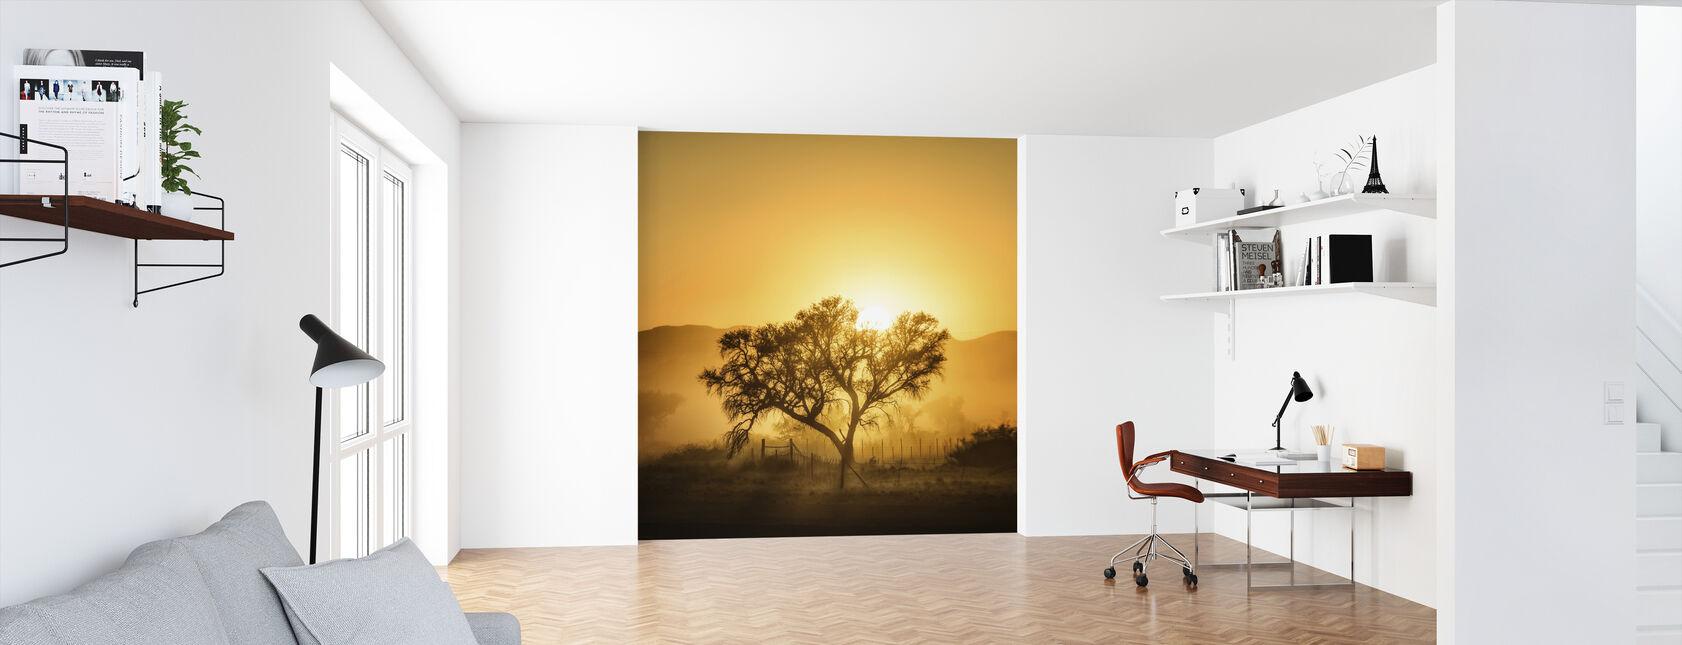 Golden Sunrise - Wallpaper - Office